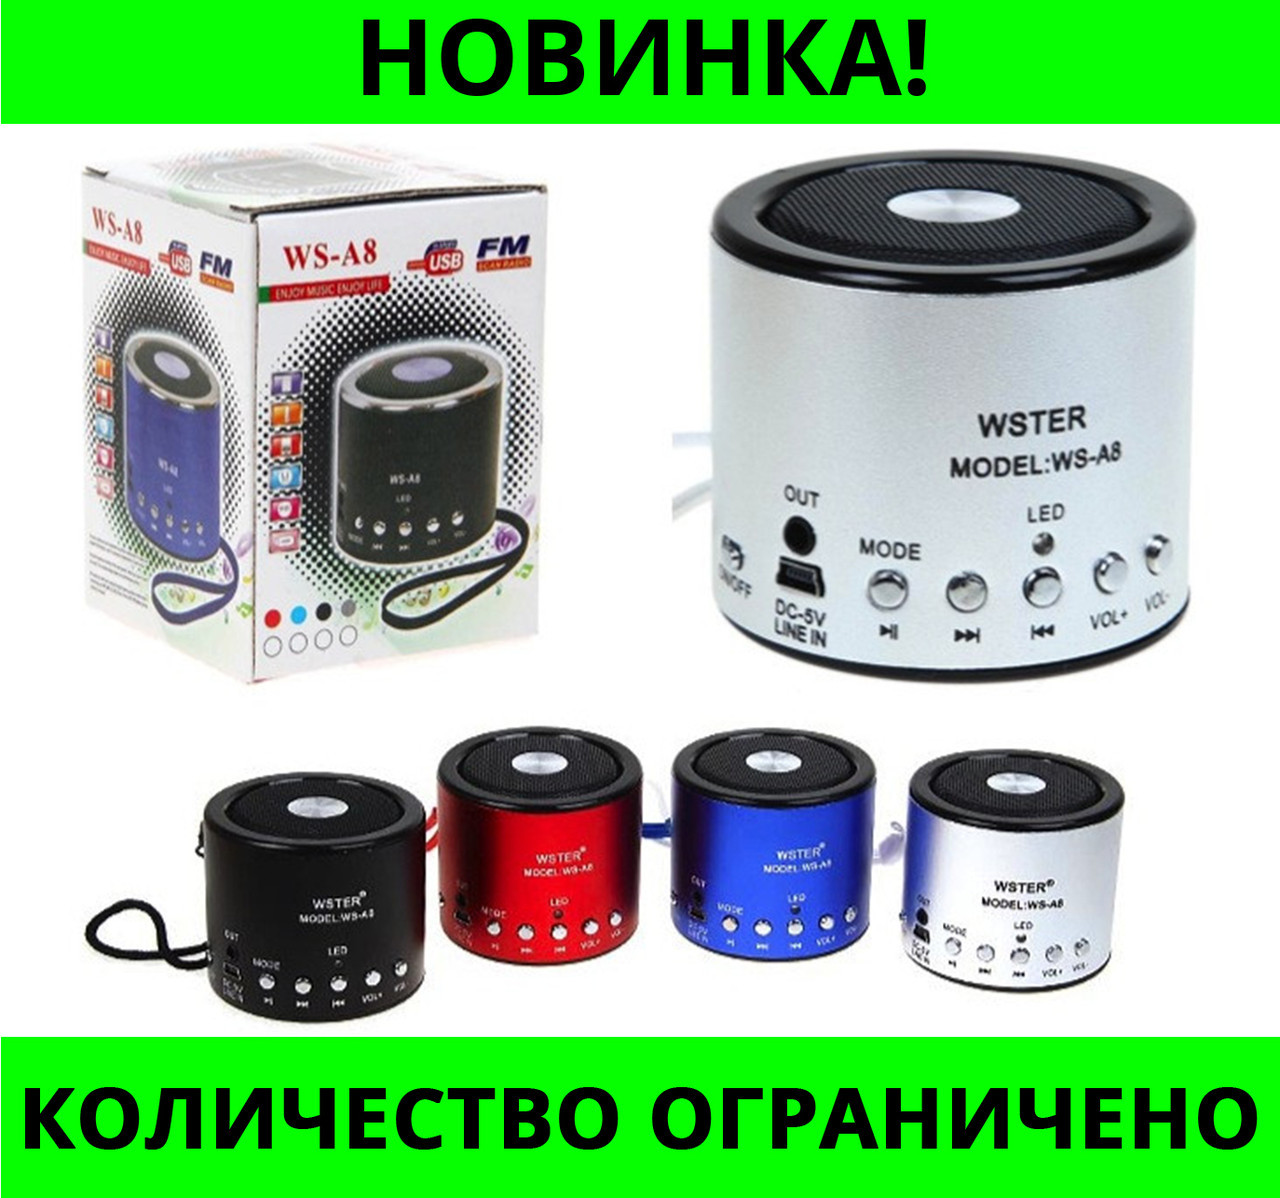 Портативная колонка WSTER WS-A8 с MP3 и FM pадио!Розница и Опт